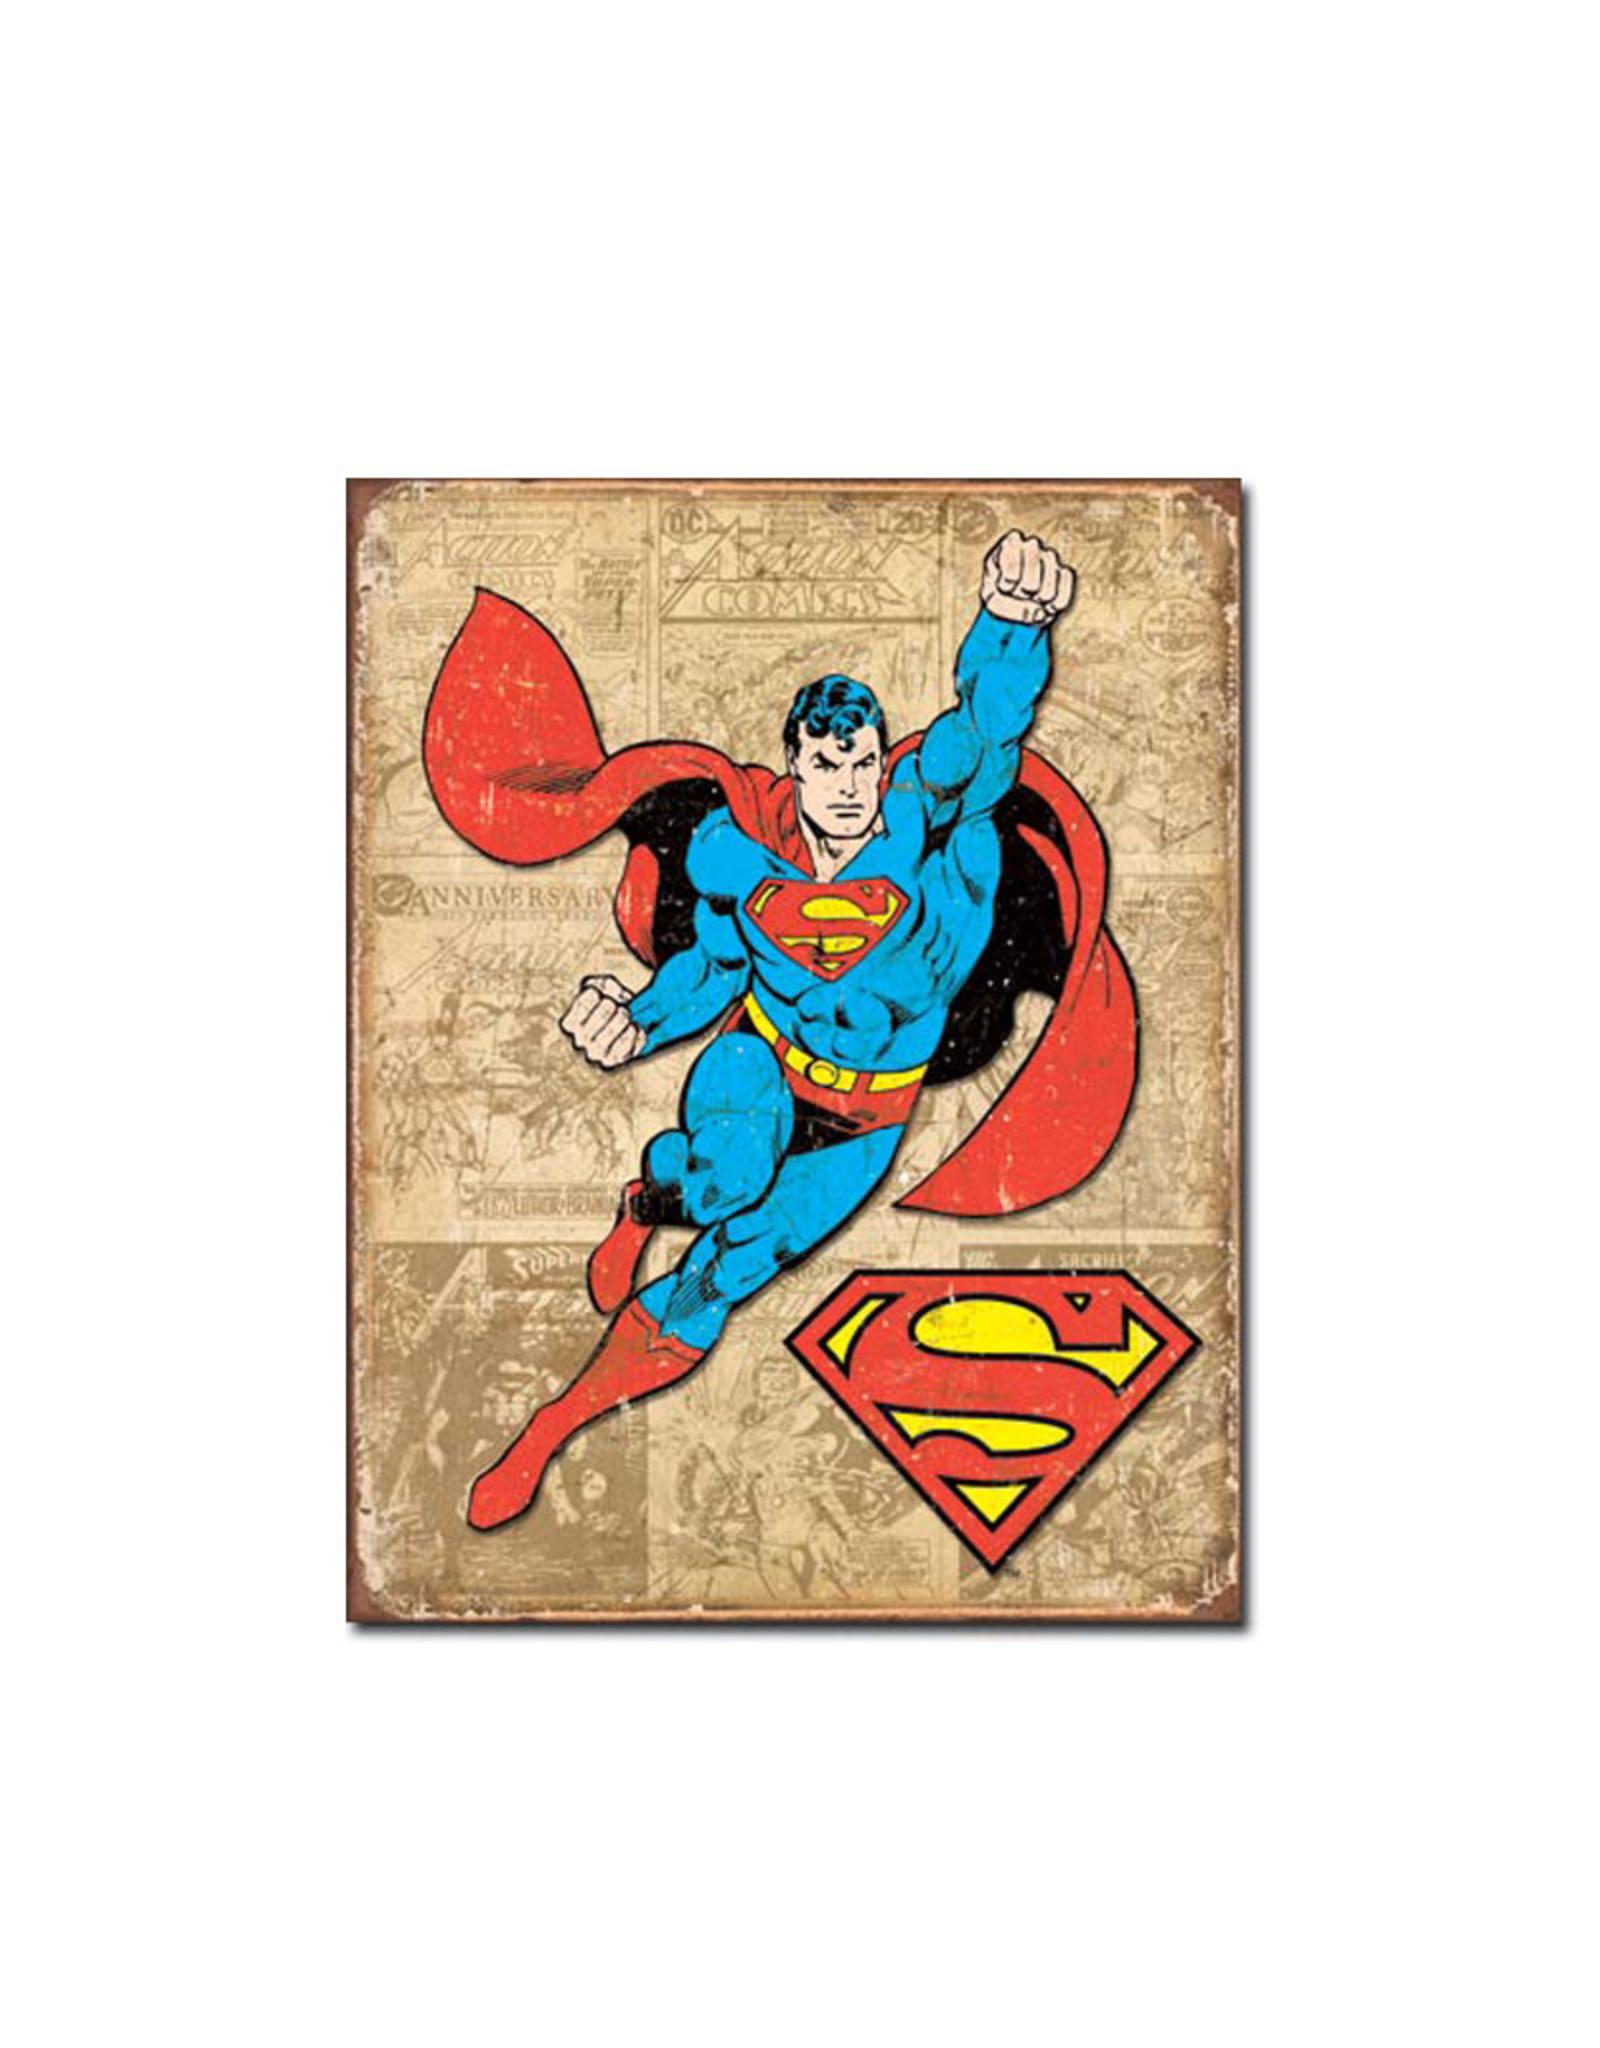 Dc comics Dc Comics ( Metal Sign 12.5 X 16 ) Superman Retro